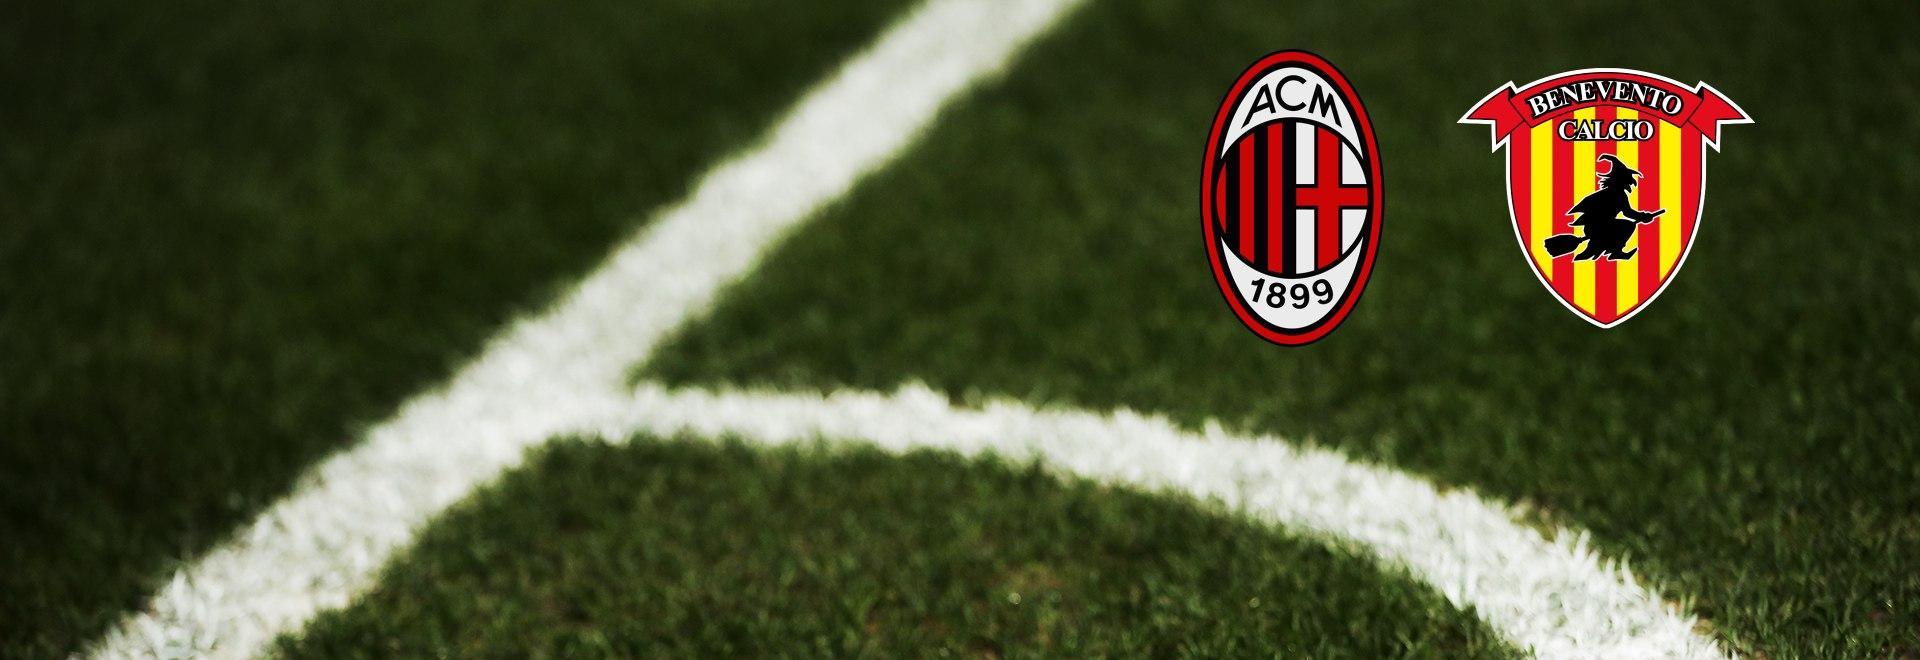 Milan - Benevento. 34a g.